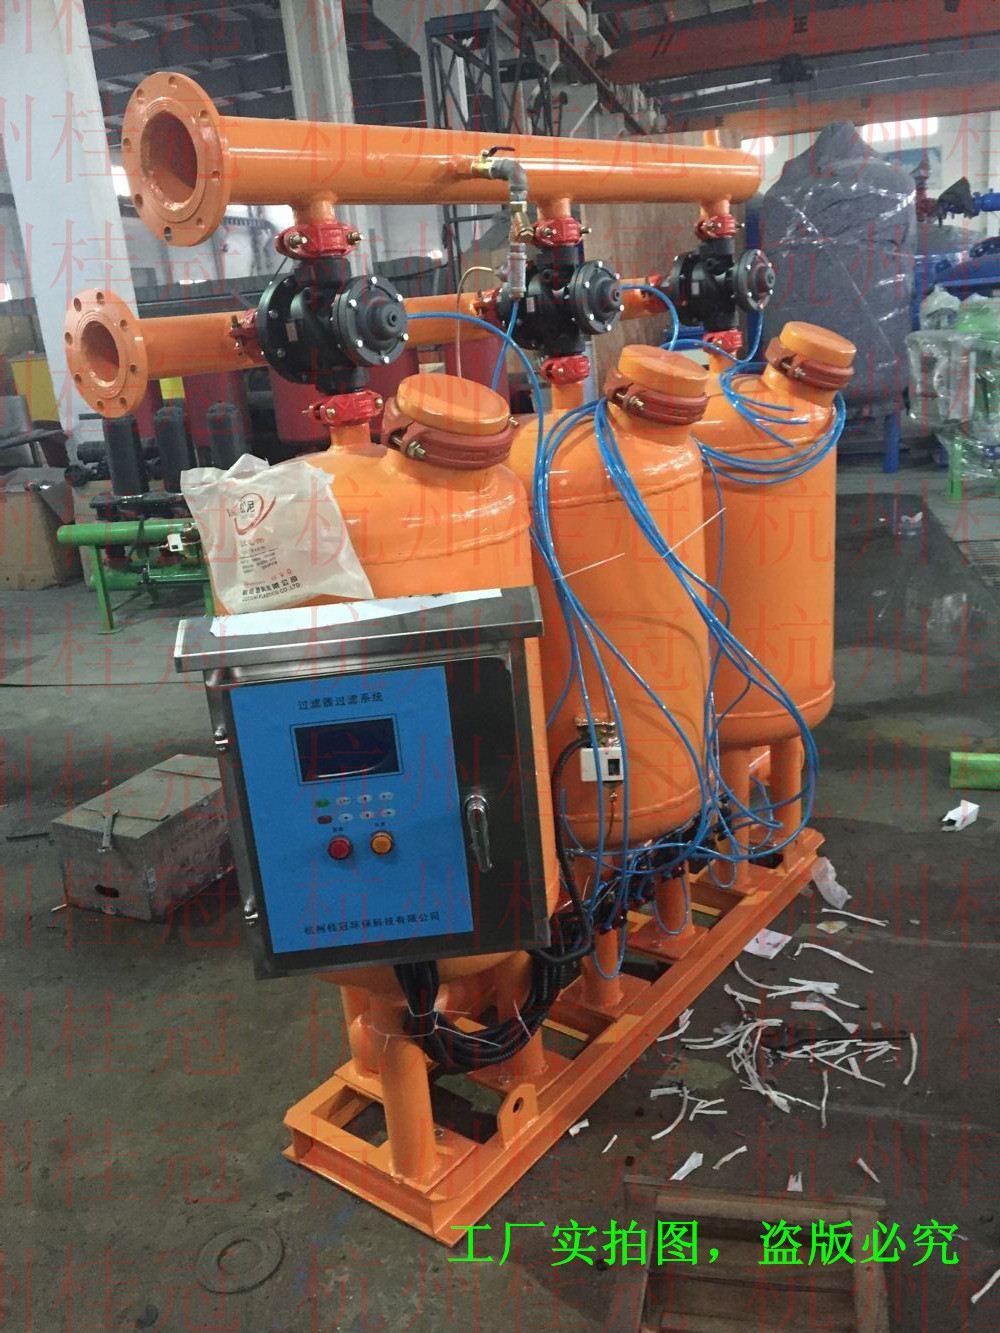 全新砂石过滤器,灌溉过滤器,首部过滤器